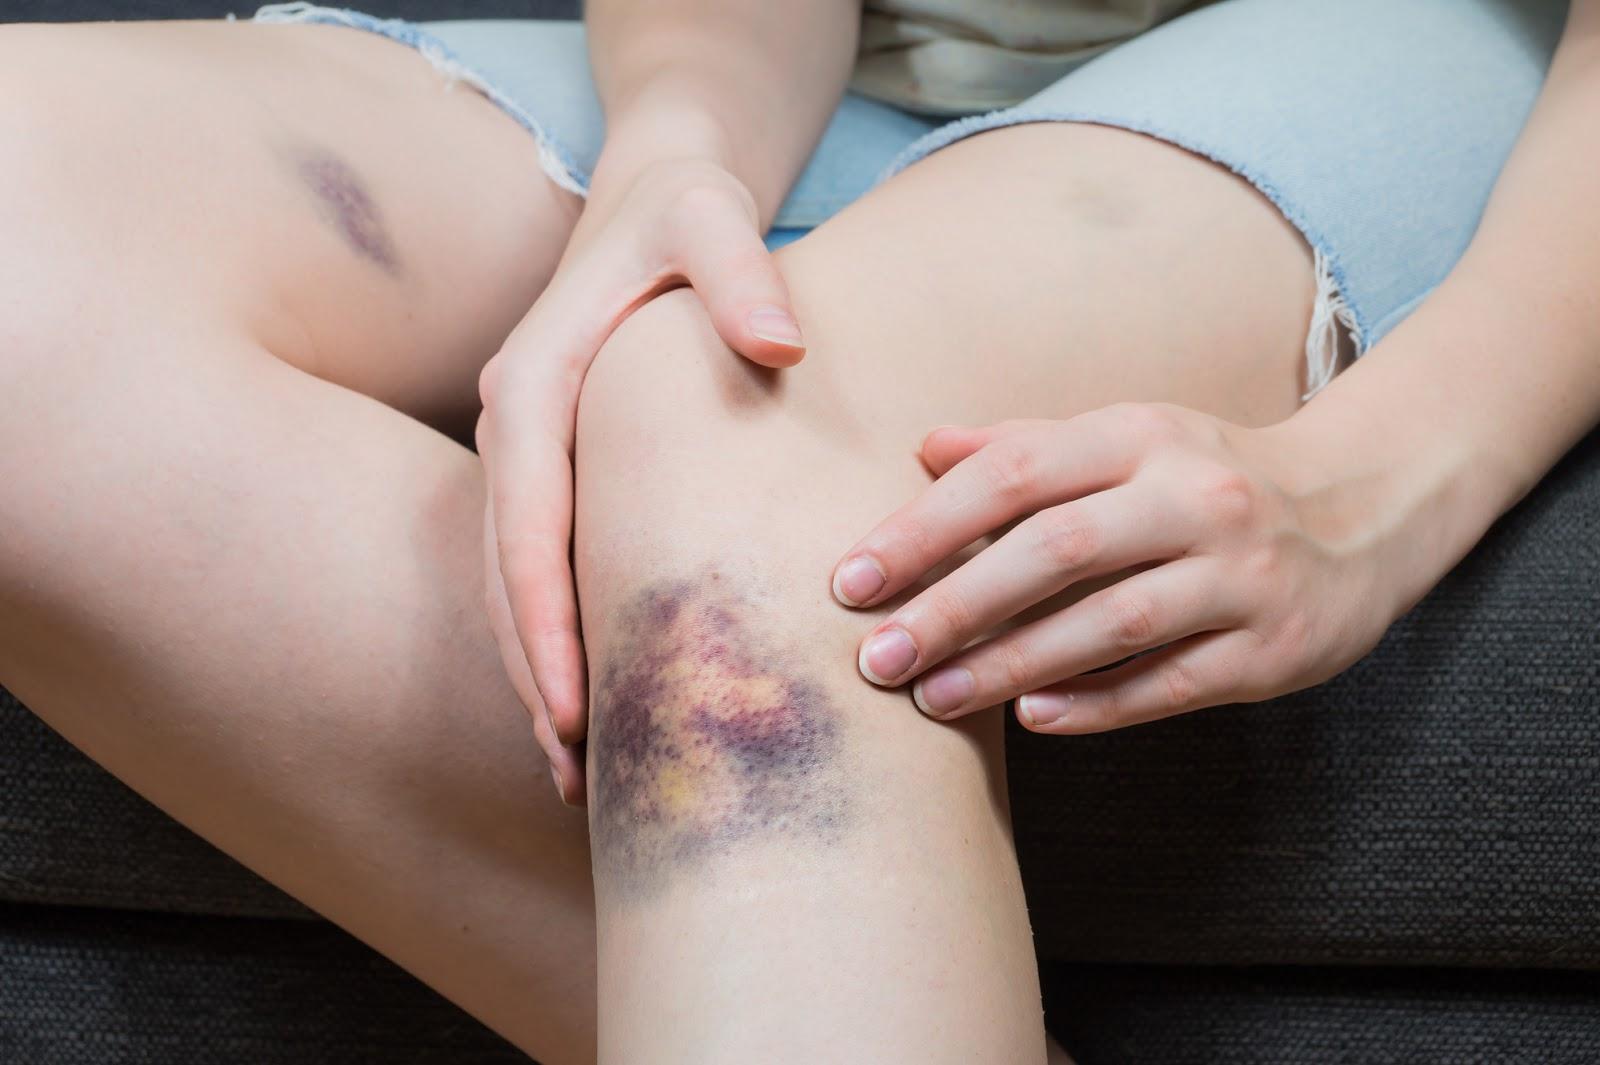 عوامل کبودی بدون علت در بدن چیست؟